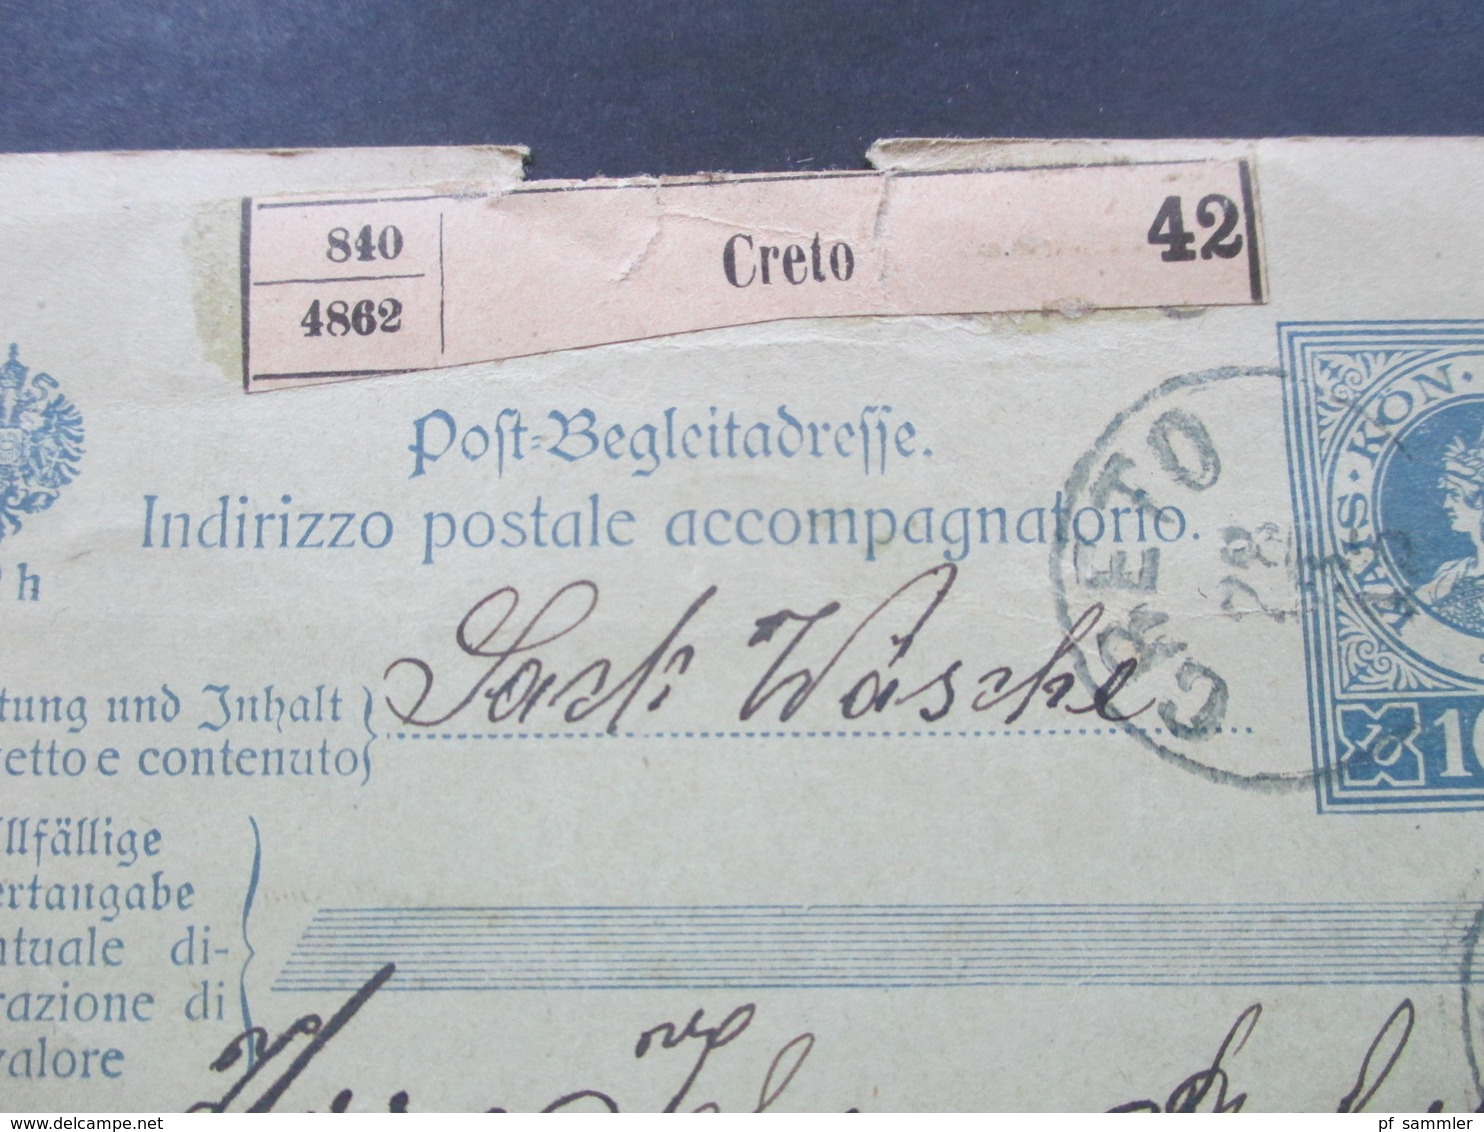 Österreich 1915 Post - Begleitadresse Creto 42 Mit 2 Zusatzfrankaturen Nr. 148 Int. Karte Rückseitig Nachporto Marke!! - 1850-1918 Imperium